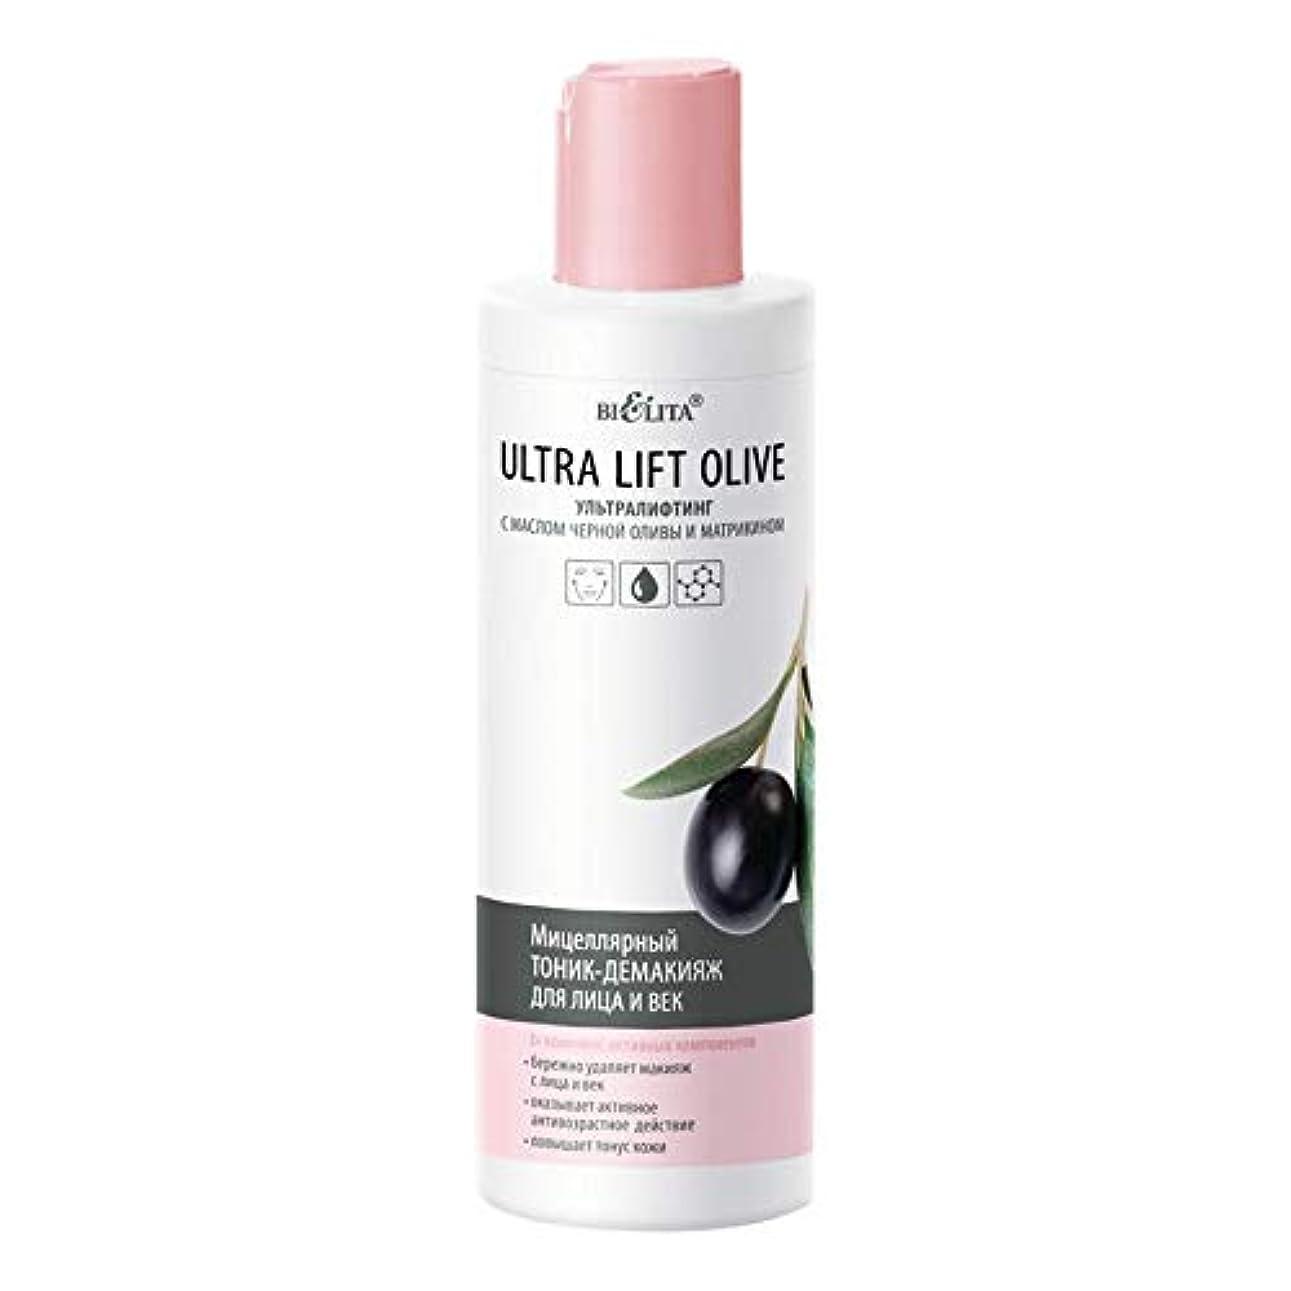 危険な遠近法家畜Bielita & Vitex | Face and Eye Micellar Make-Up Remover | Olive oil and matrikine | 200 ml